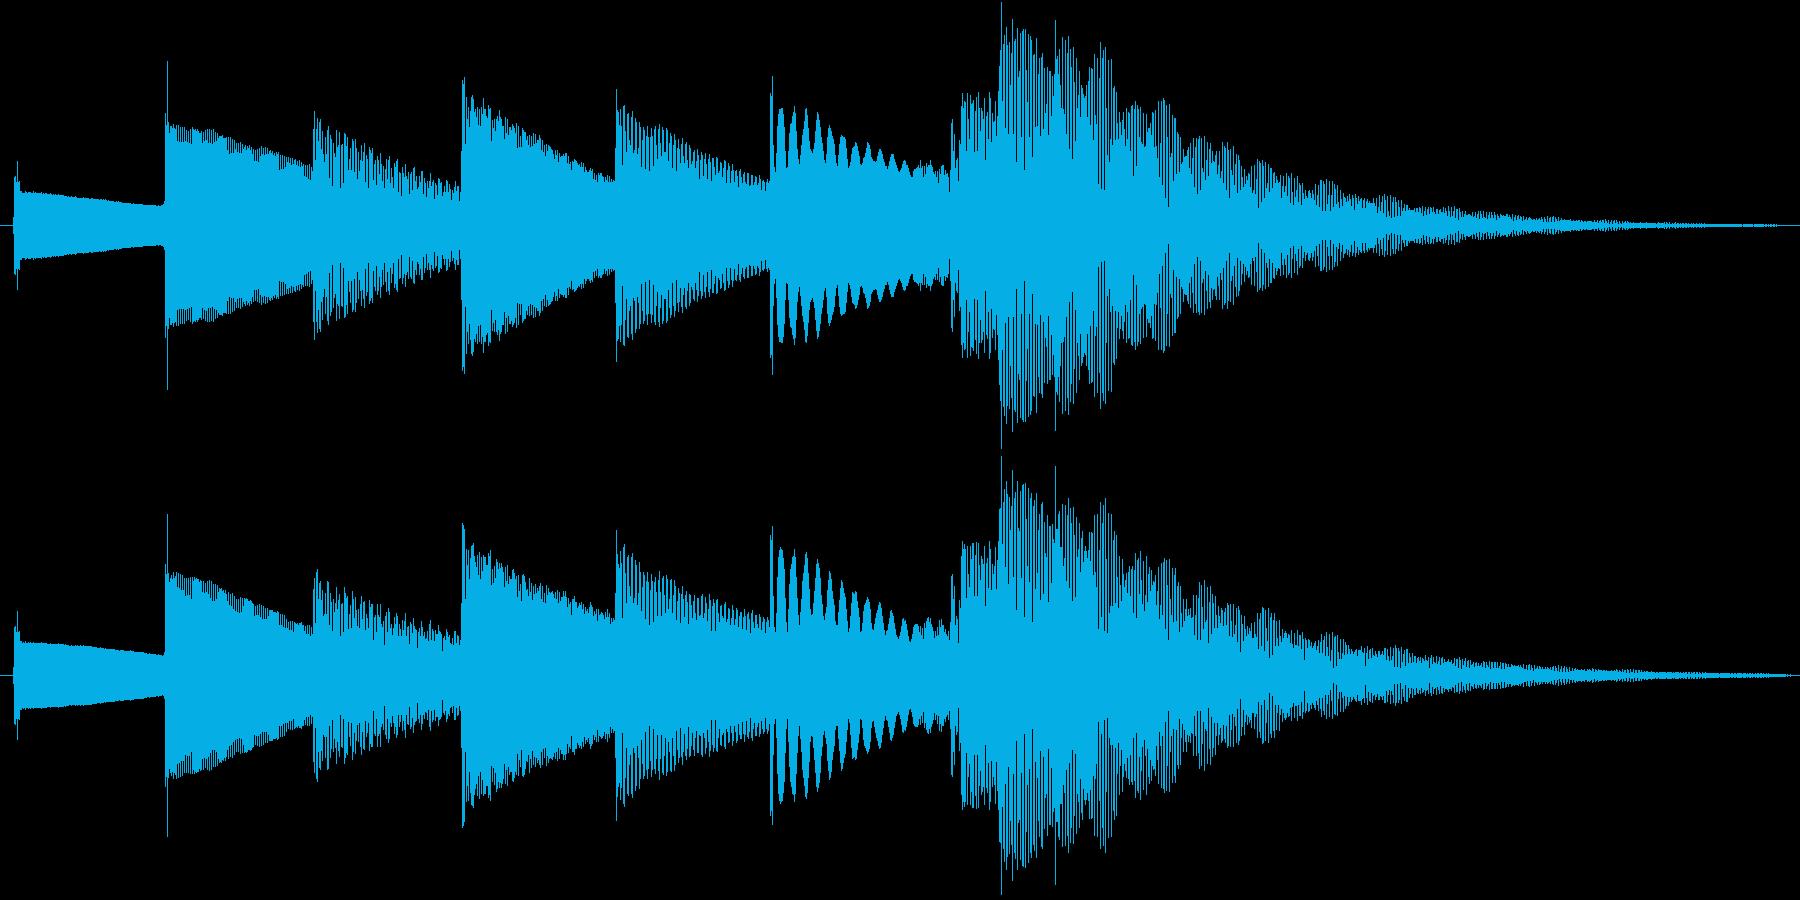 おやすみ【1フレーズの短いオルゴール曲】の再生済みの波形